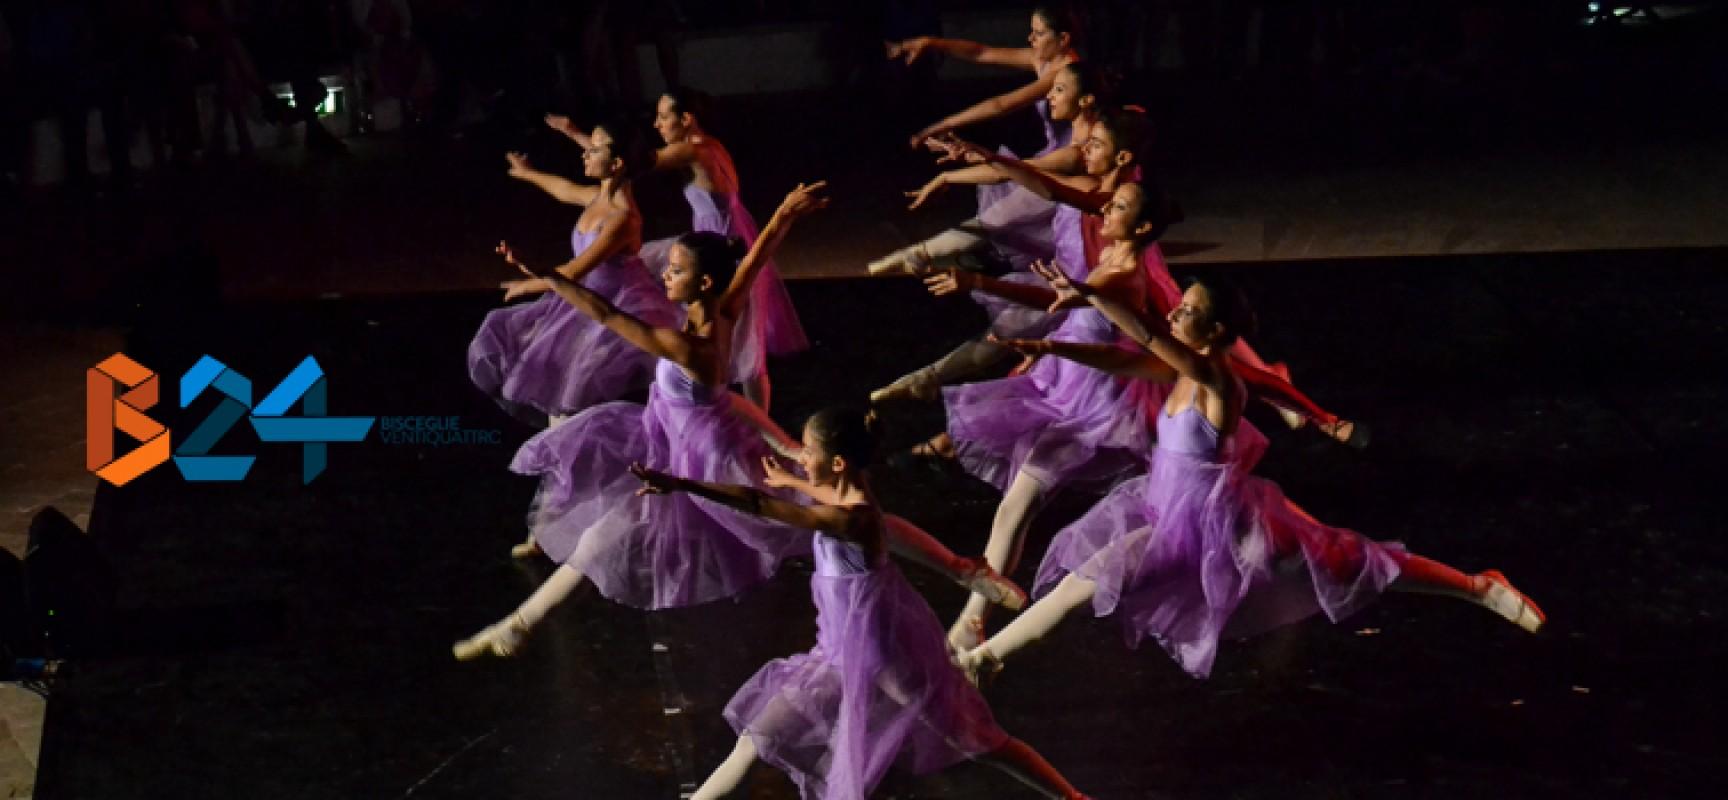 Rapporto tra danza e spazio urbano/rurale: al via un concorso fotografico